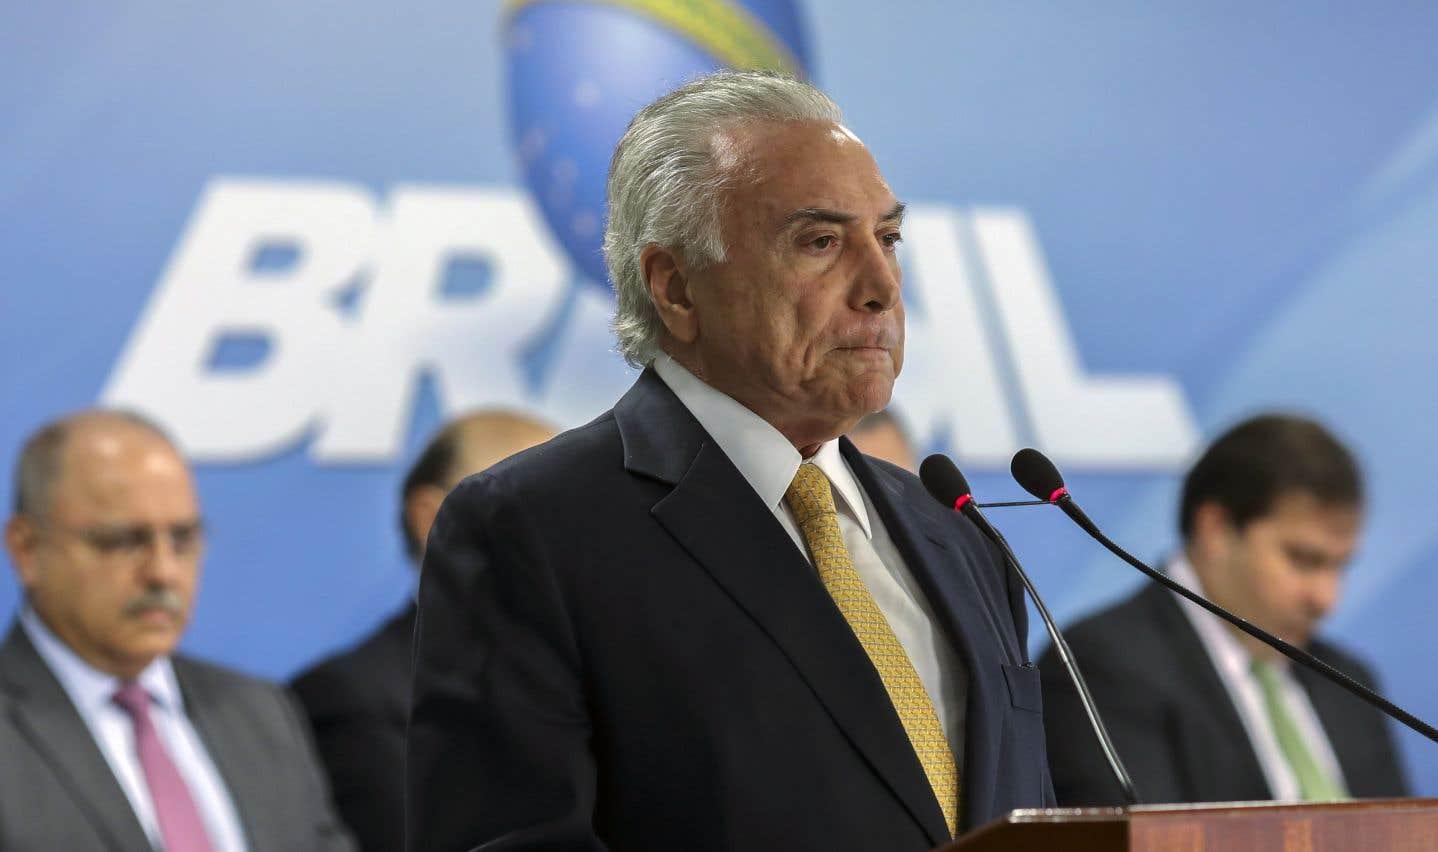 «Le crime organisé a quasiment pris le contrôle de Rio. C'est une métastase qui se propage dans notre pays et menace la tranquillité de notre peuple», a déclaré le président brésilien, Michel Temer.